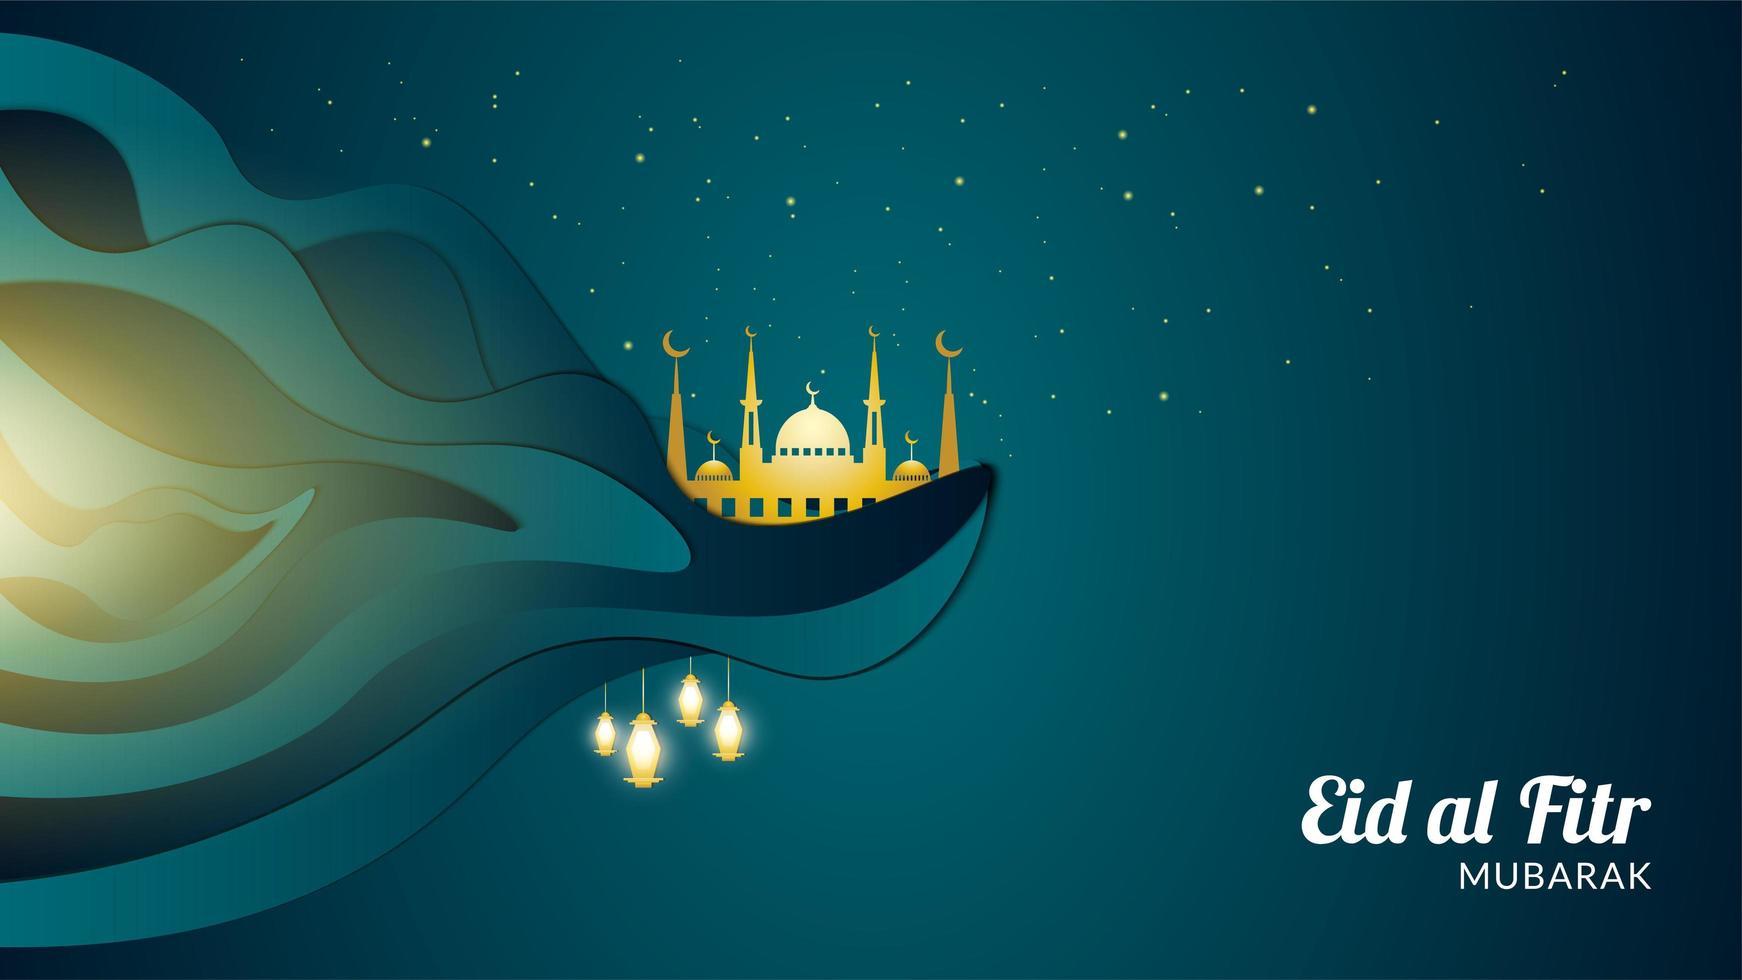 eid al-fitr avec mosquée d'or sur une falaise vecteur